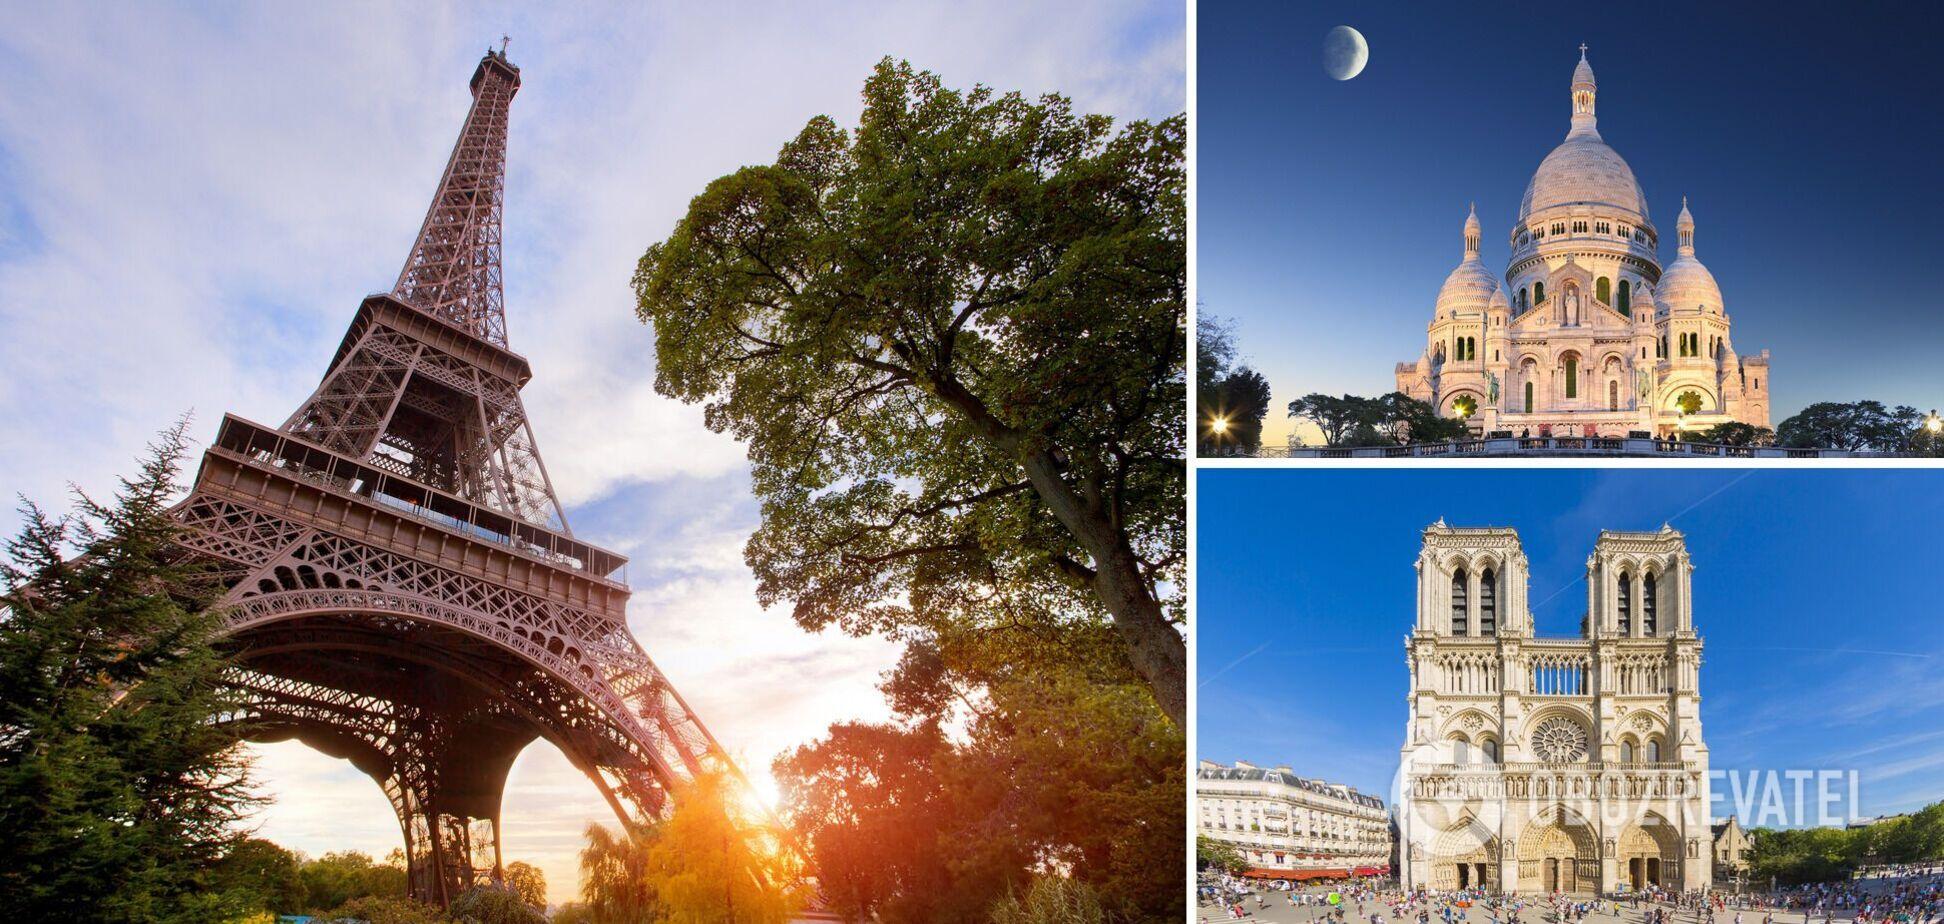 Едем в Париж! Рассказываем, что обязательно нужно увидеть в столице Франции